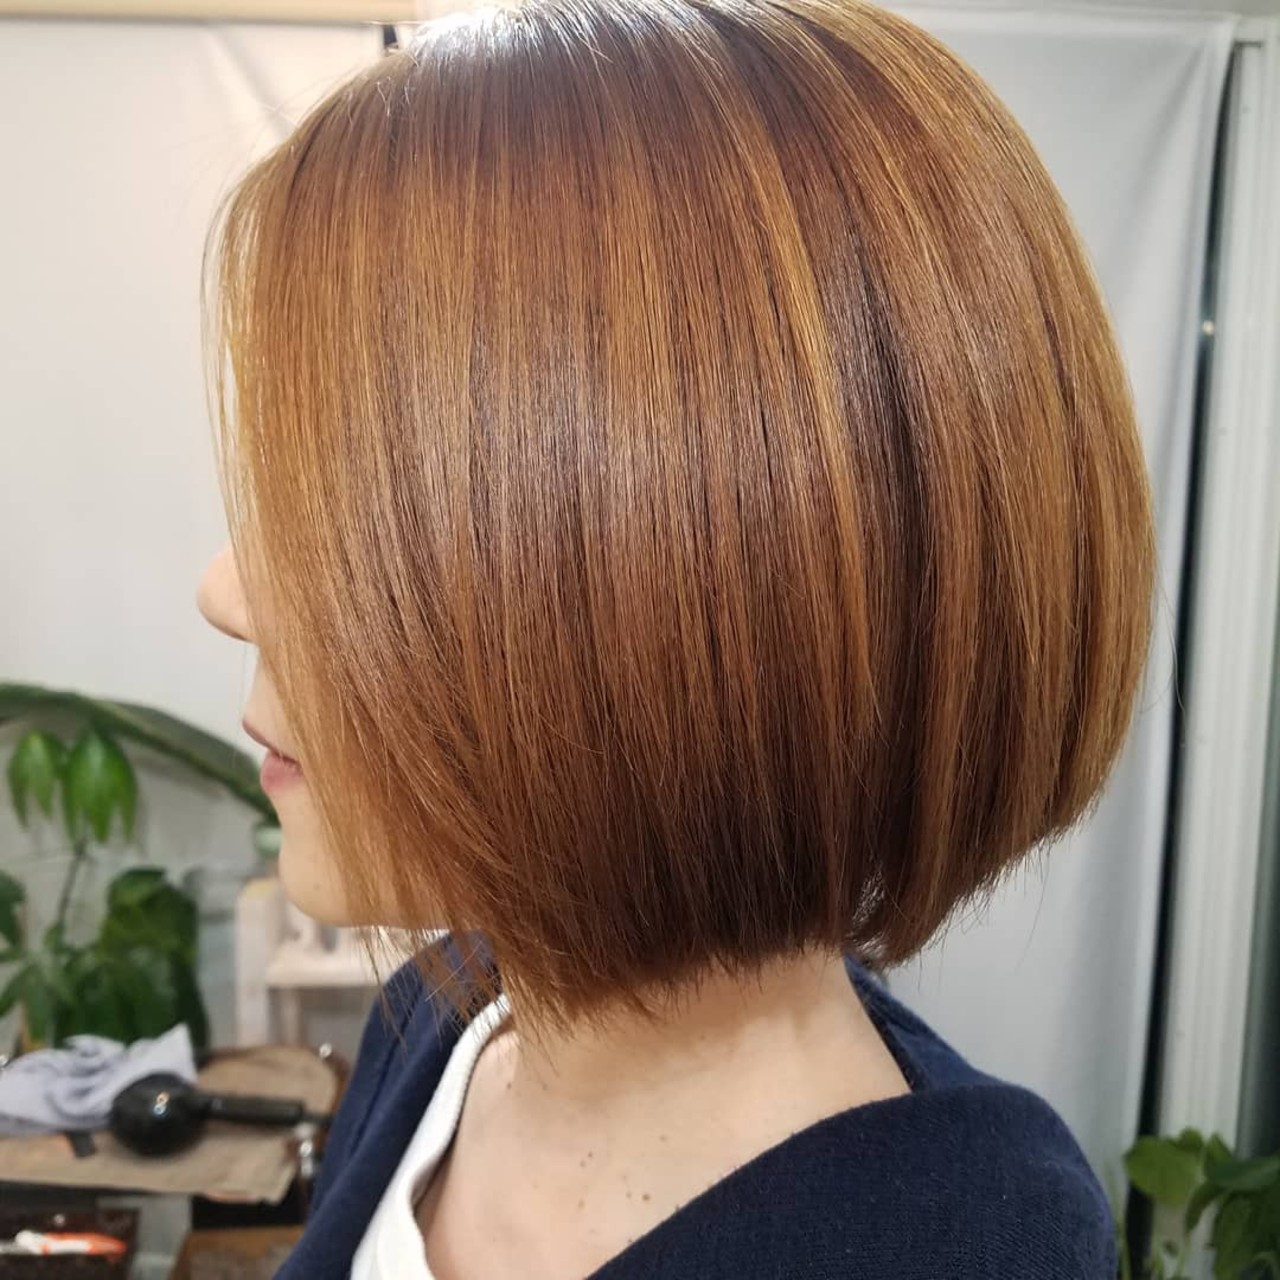 ストカール 縮毛矯正 縮毛矯正名古屋市 エレガント ヘアスタイルや髪型の写真・画像